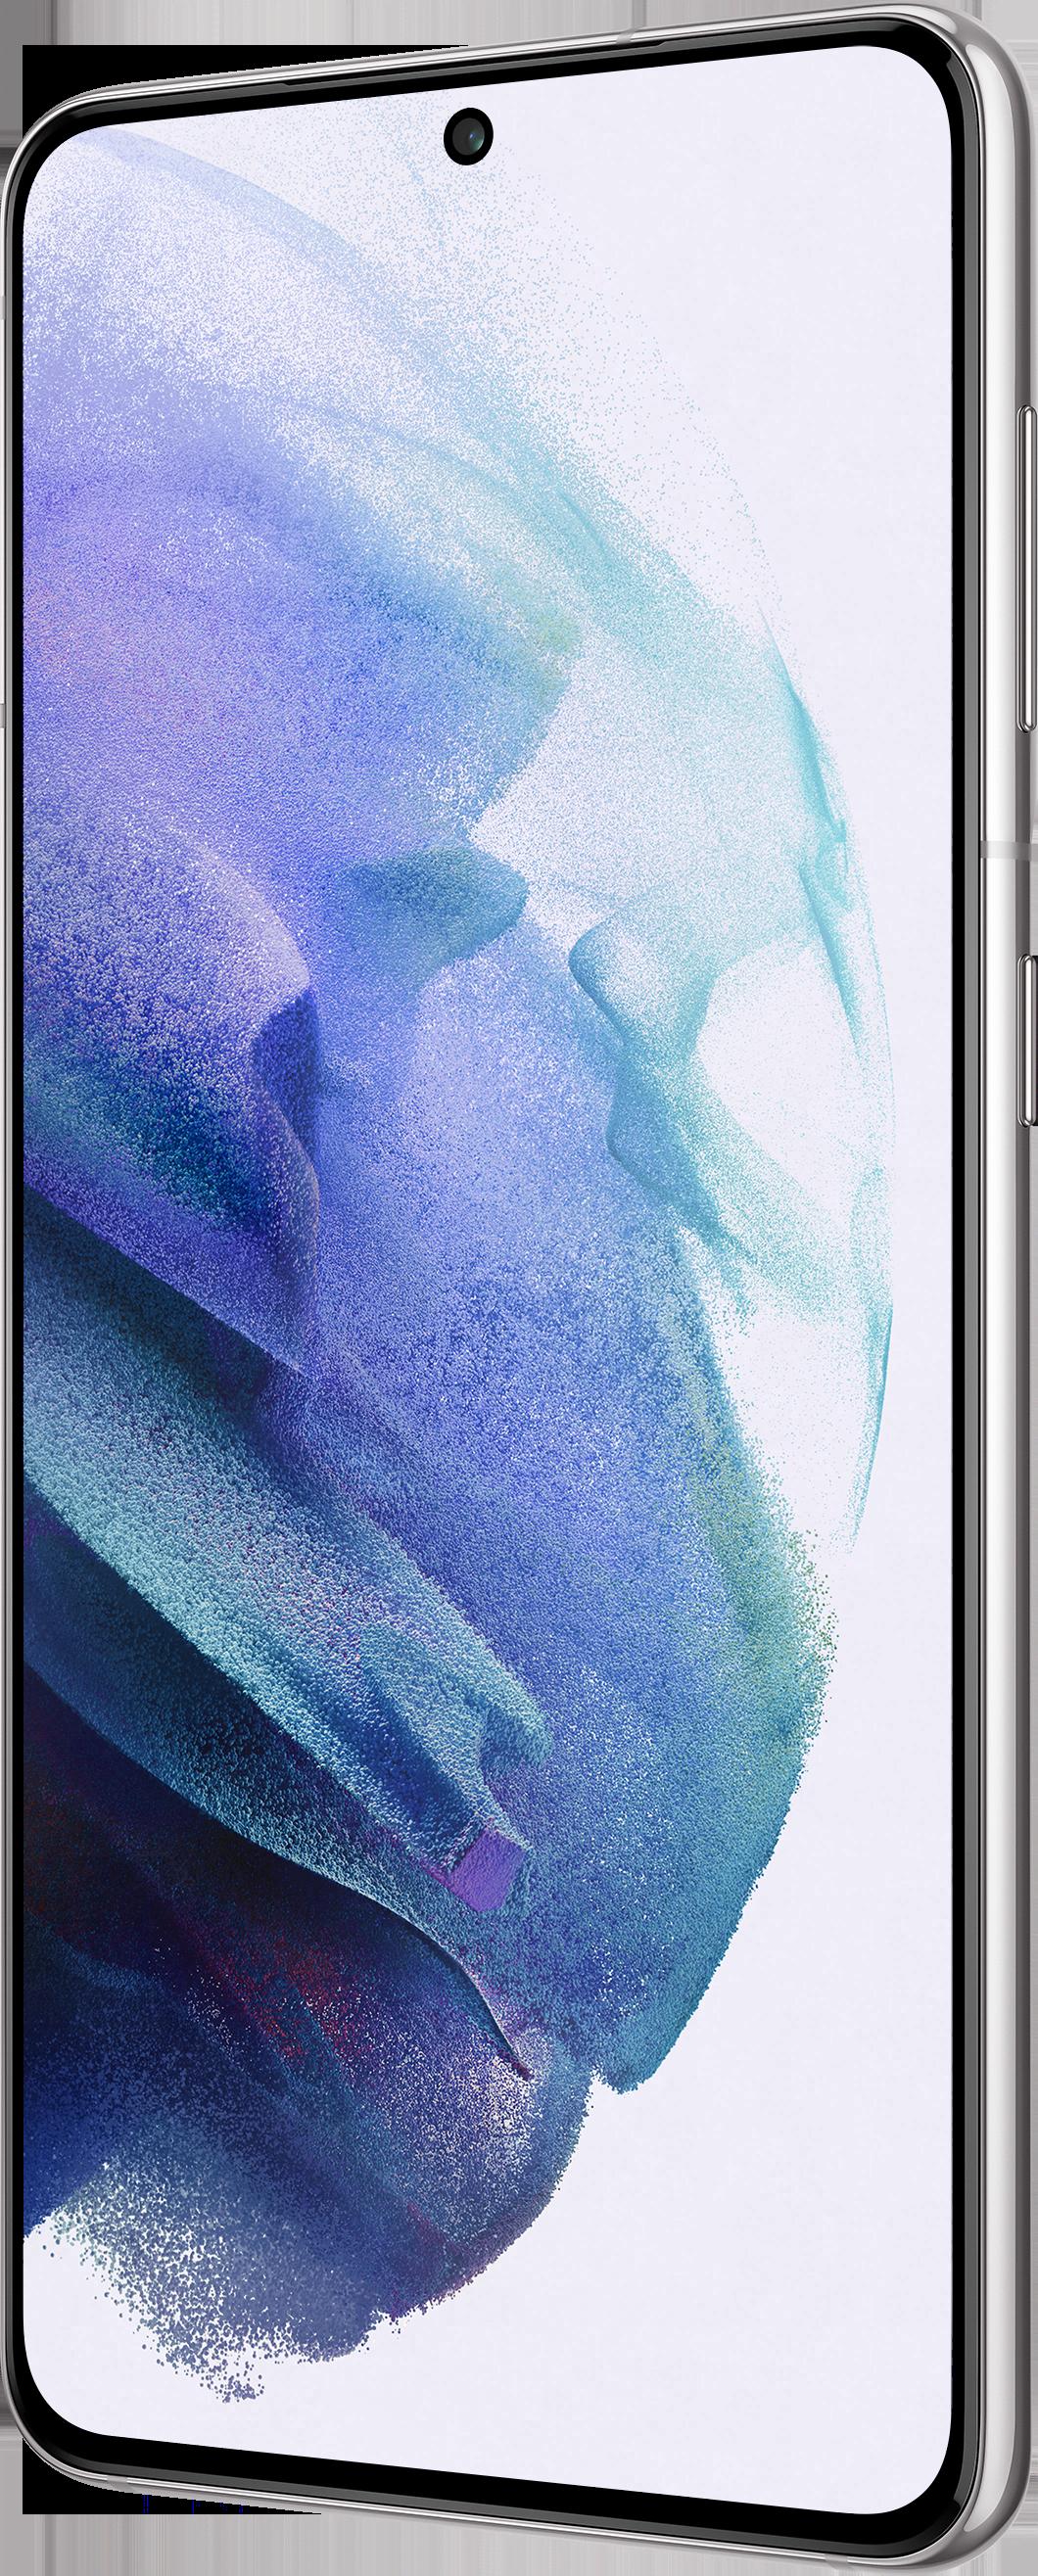 Samsung Smartphone Galaxy S21 - 128GB - Dual Sim